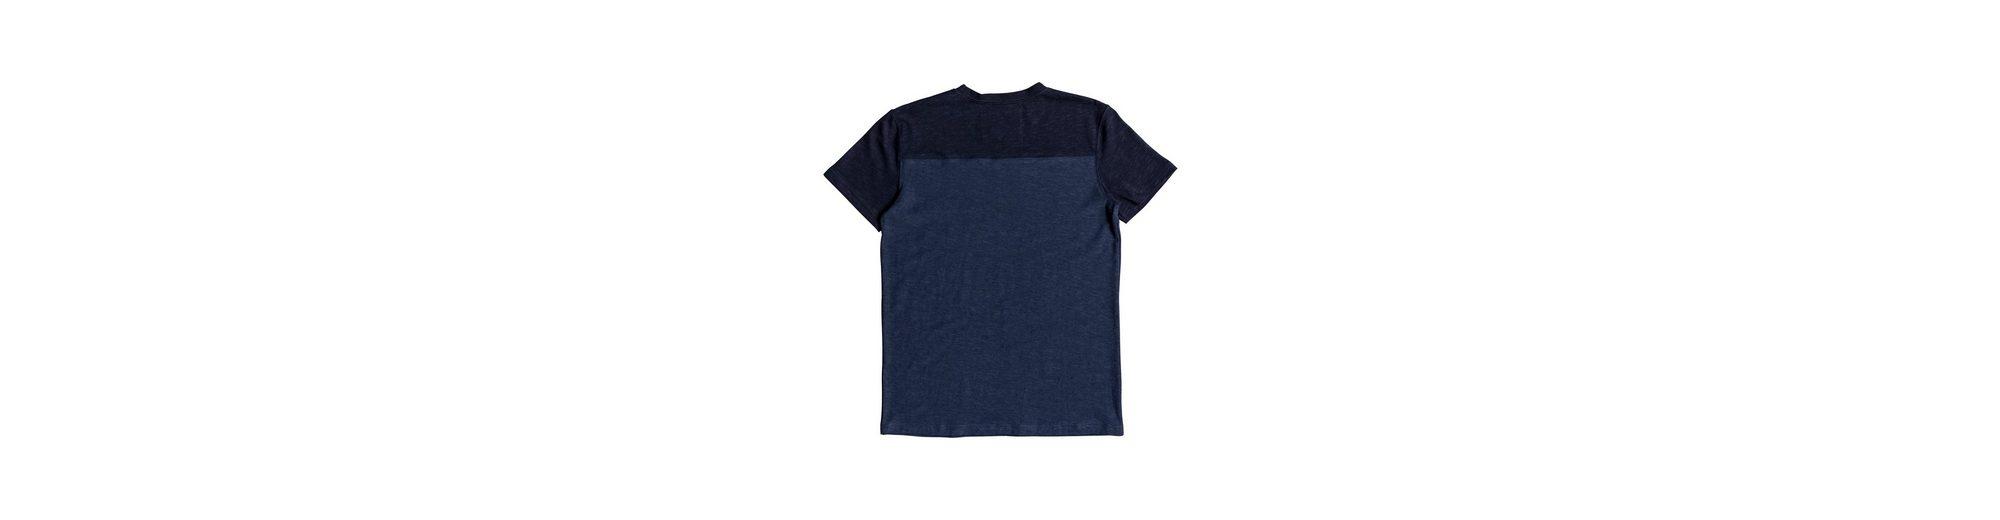 Neuesten Kollektionen Günstiger Preis 2018 Kühl Quiksilver T-Shirt Sim Bai Spielraum Countdown-Paket JbvKFYnn